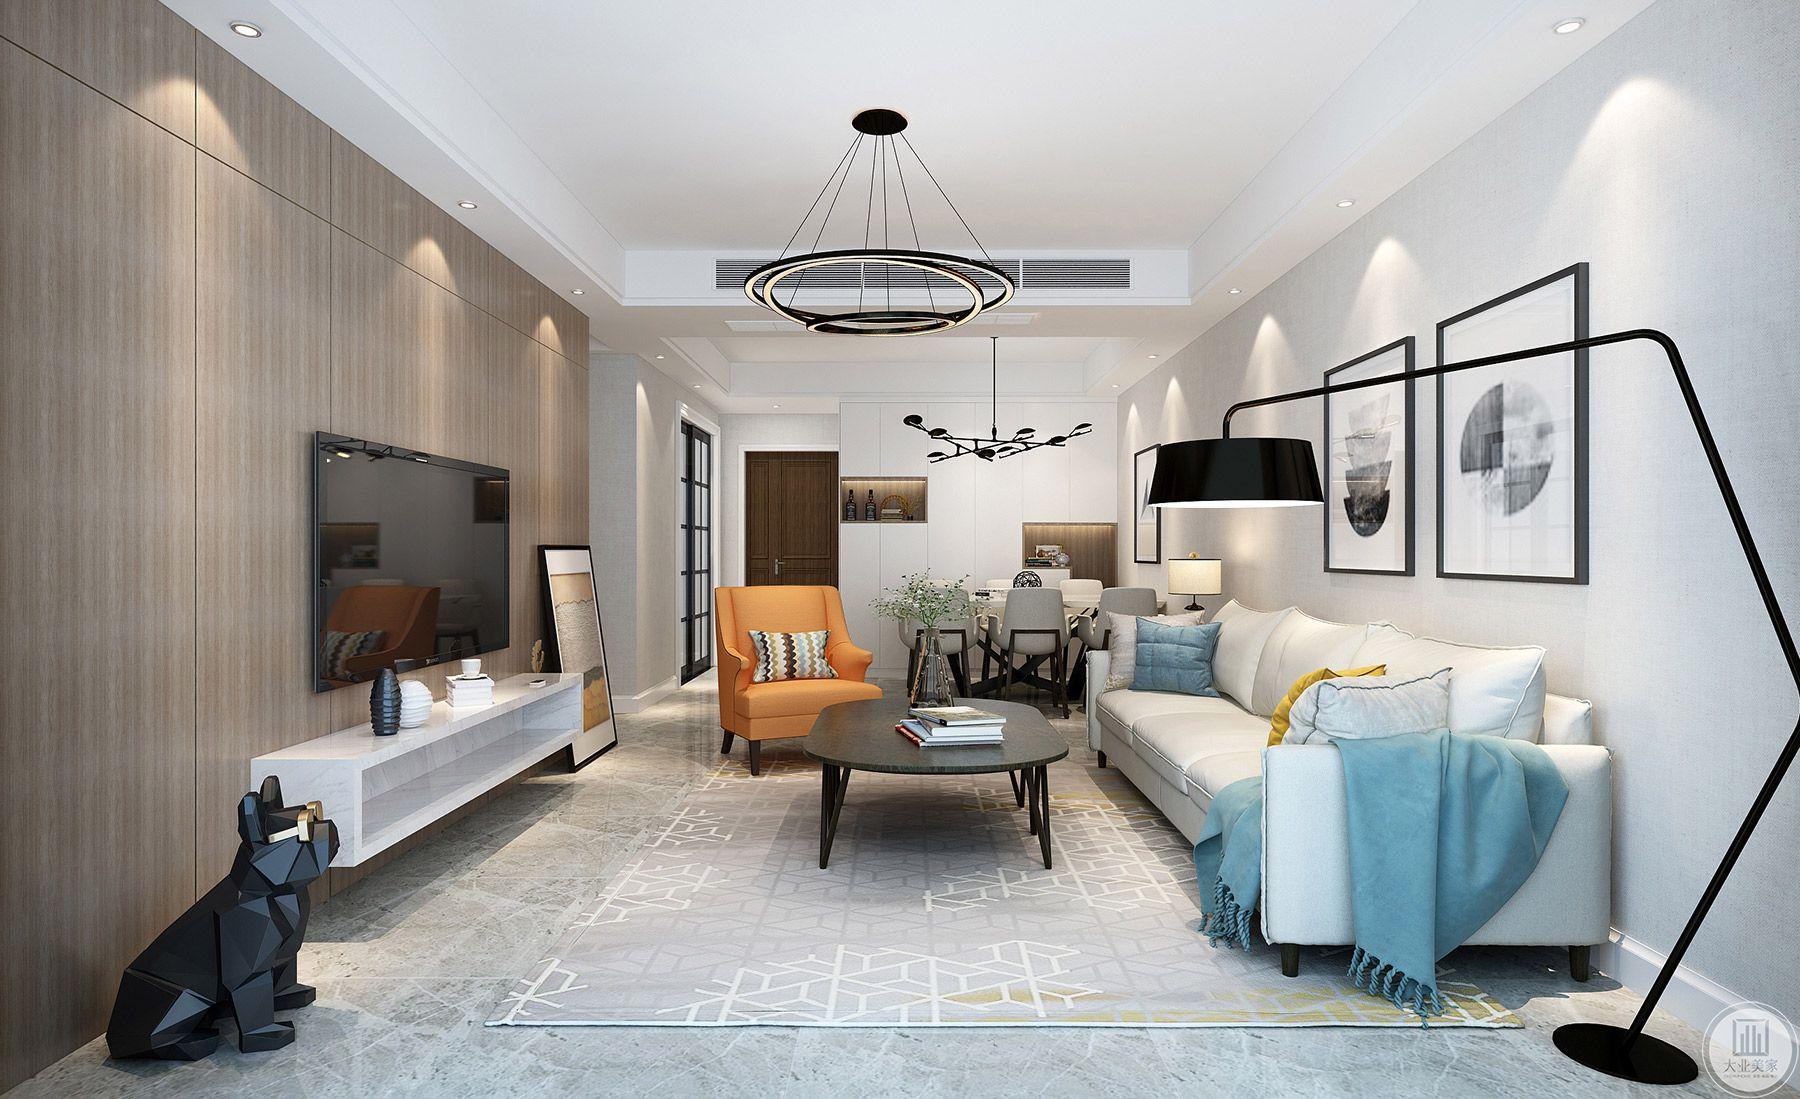 白色主沙发搭配橙色的单人沙发,质朴又现代大方。